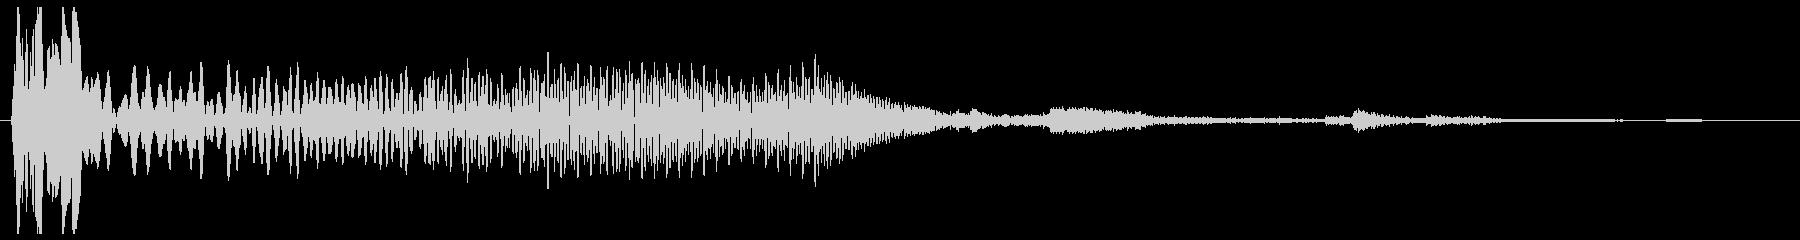 ウイーンガッチャン(機械の動作音)の未再生の波形